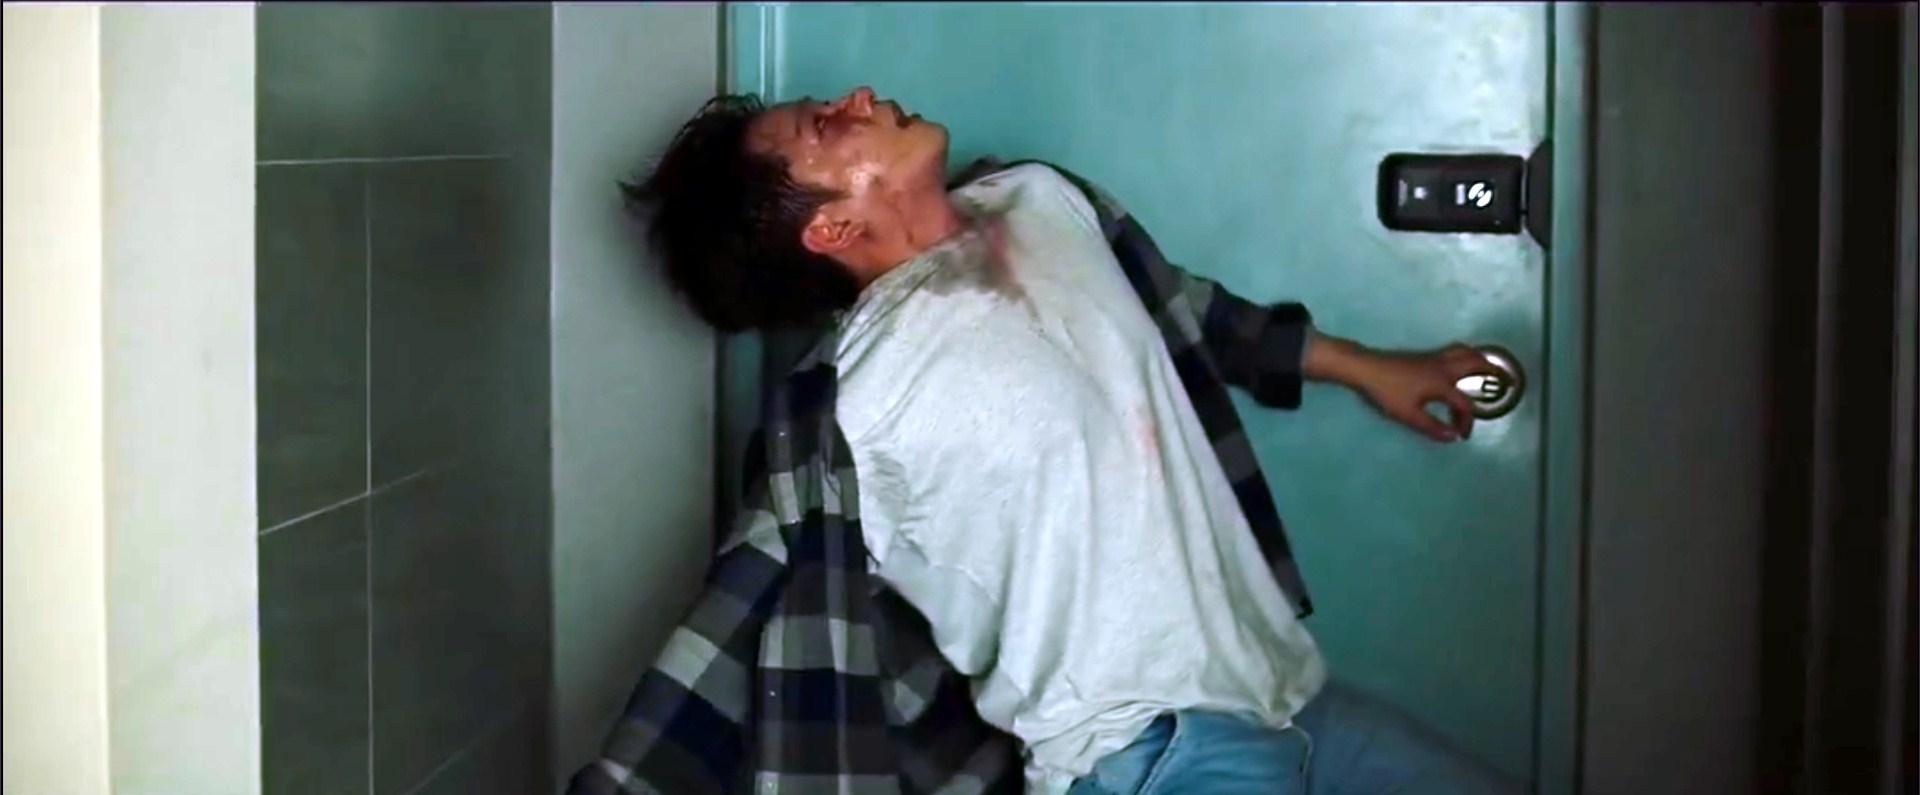 韩国电影《无声》最后的逃跑象征着是人性对社会化的一种抵抗与逃离 (2)